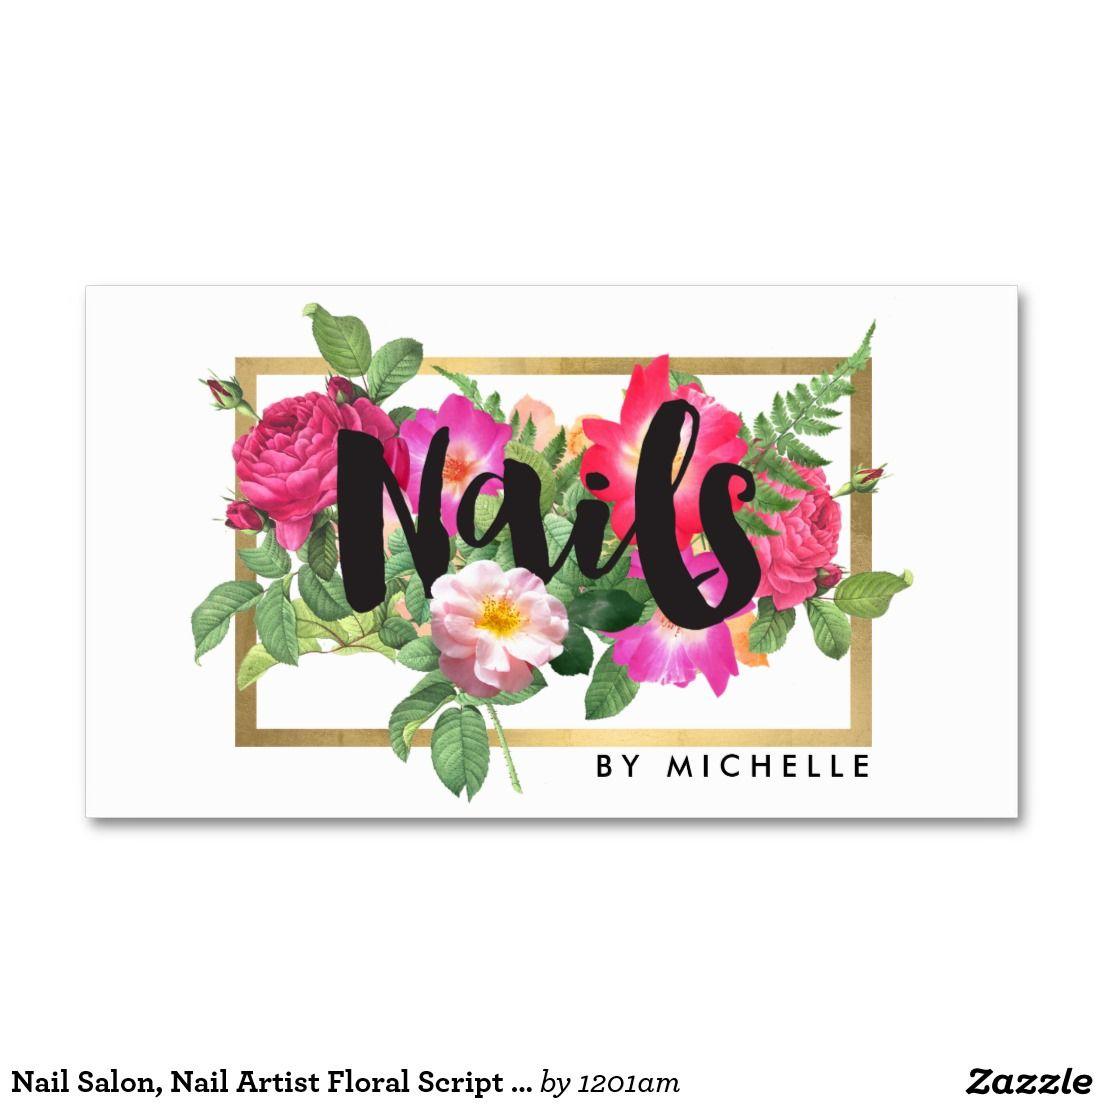 Nail Artist, Nail Salon Business Card - Chic Floral Script Design ...